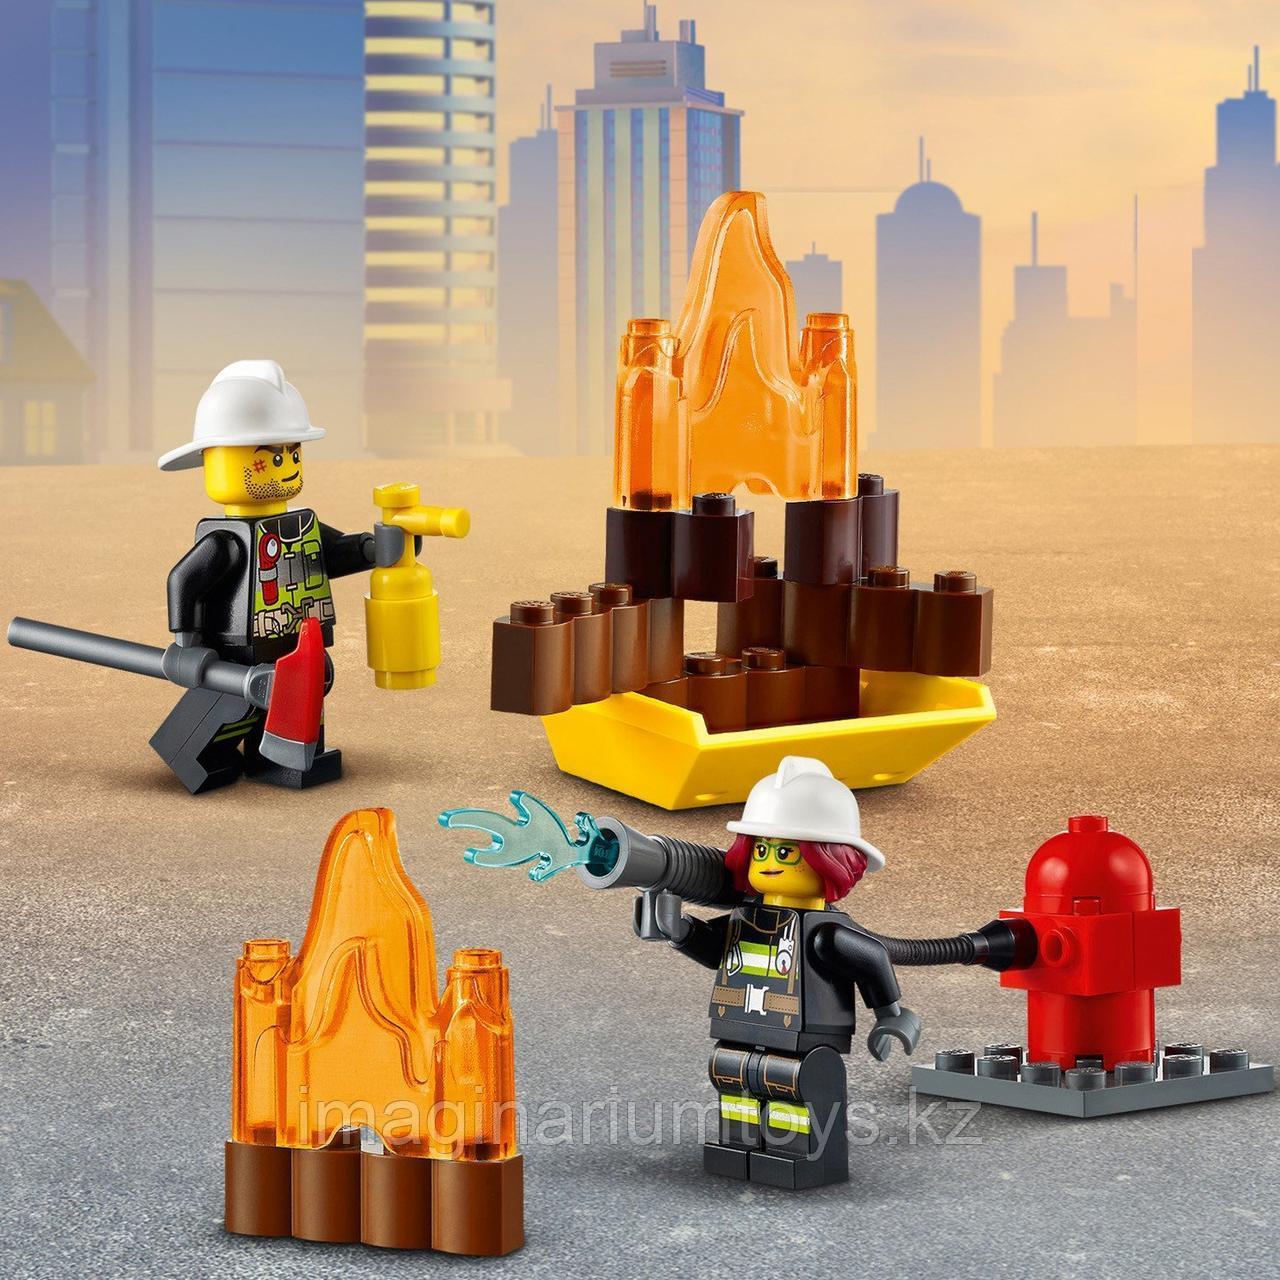 Конструктор LEGO City Лего город Пожарная машина с лестницей 60280 - фото 6